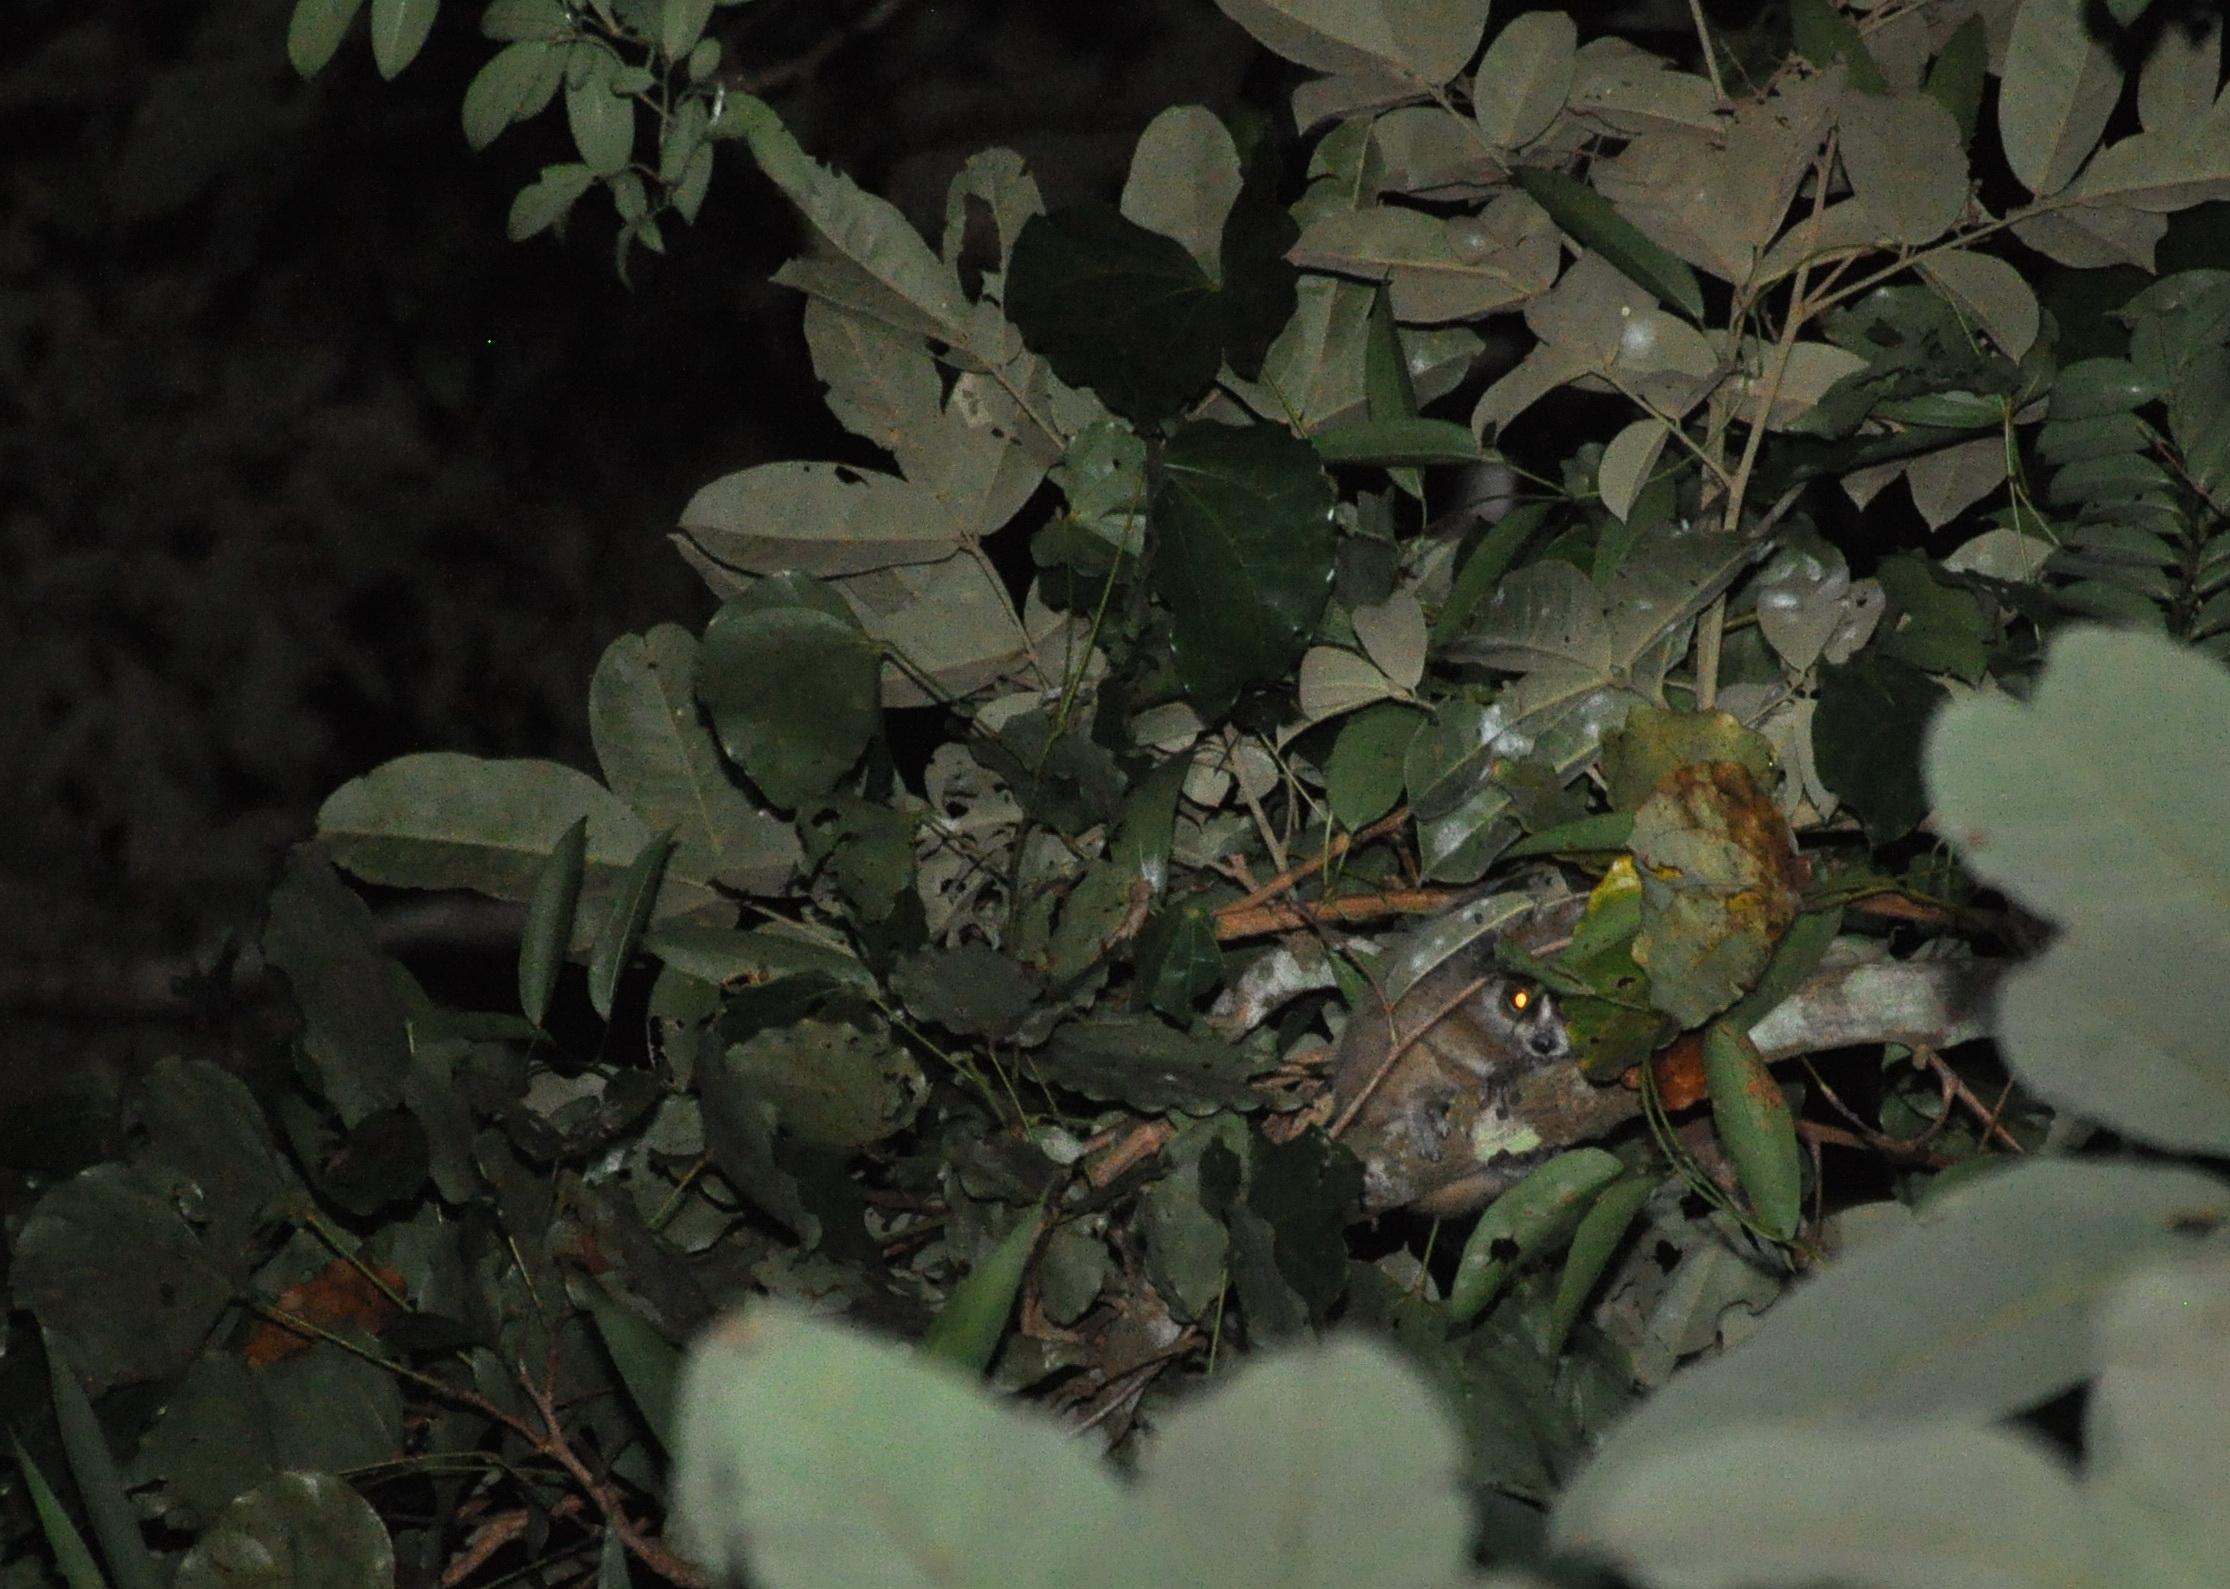 Nghiên cứu về các loài Culi ở Khu bảo tồn Thiên nhiên Xuân Liên